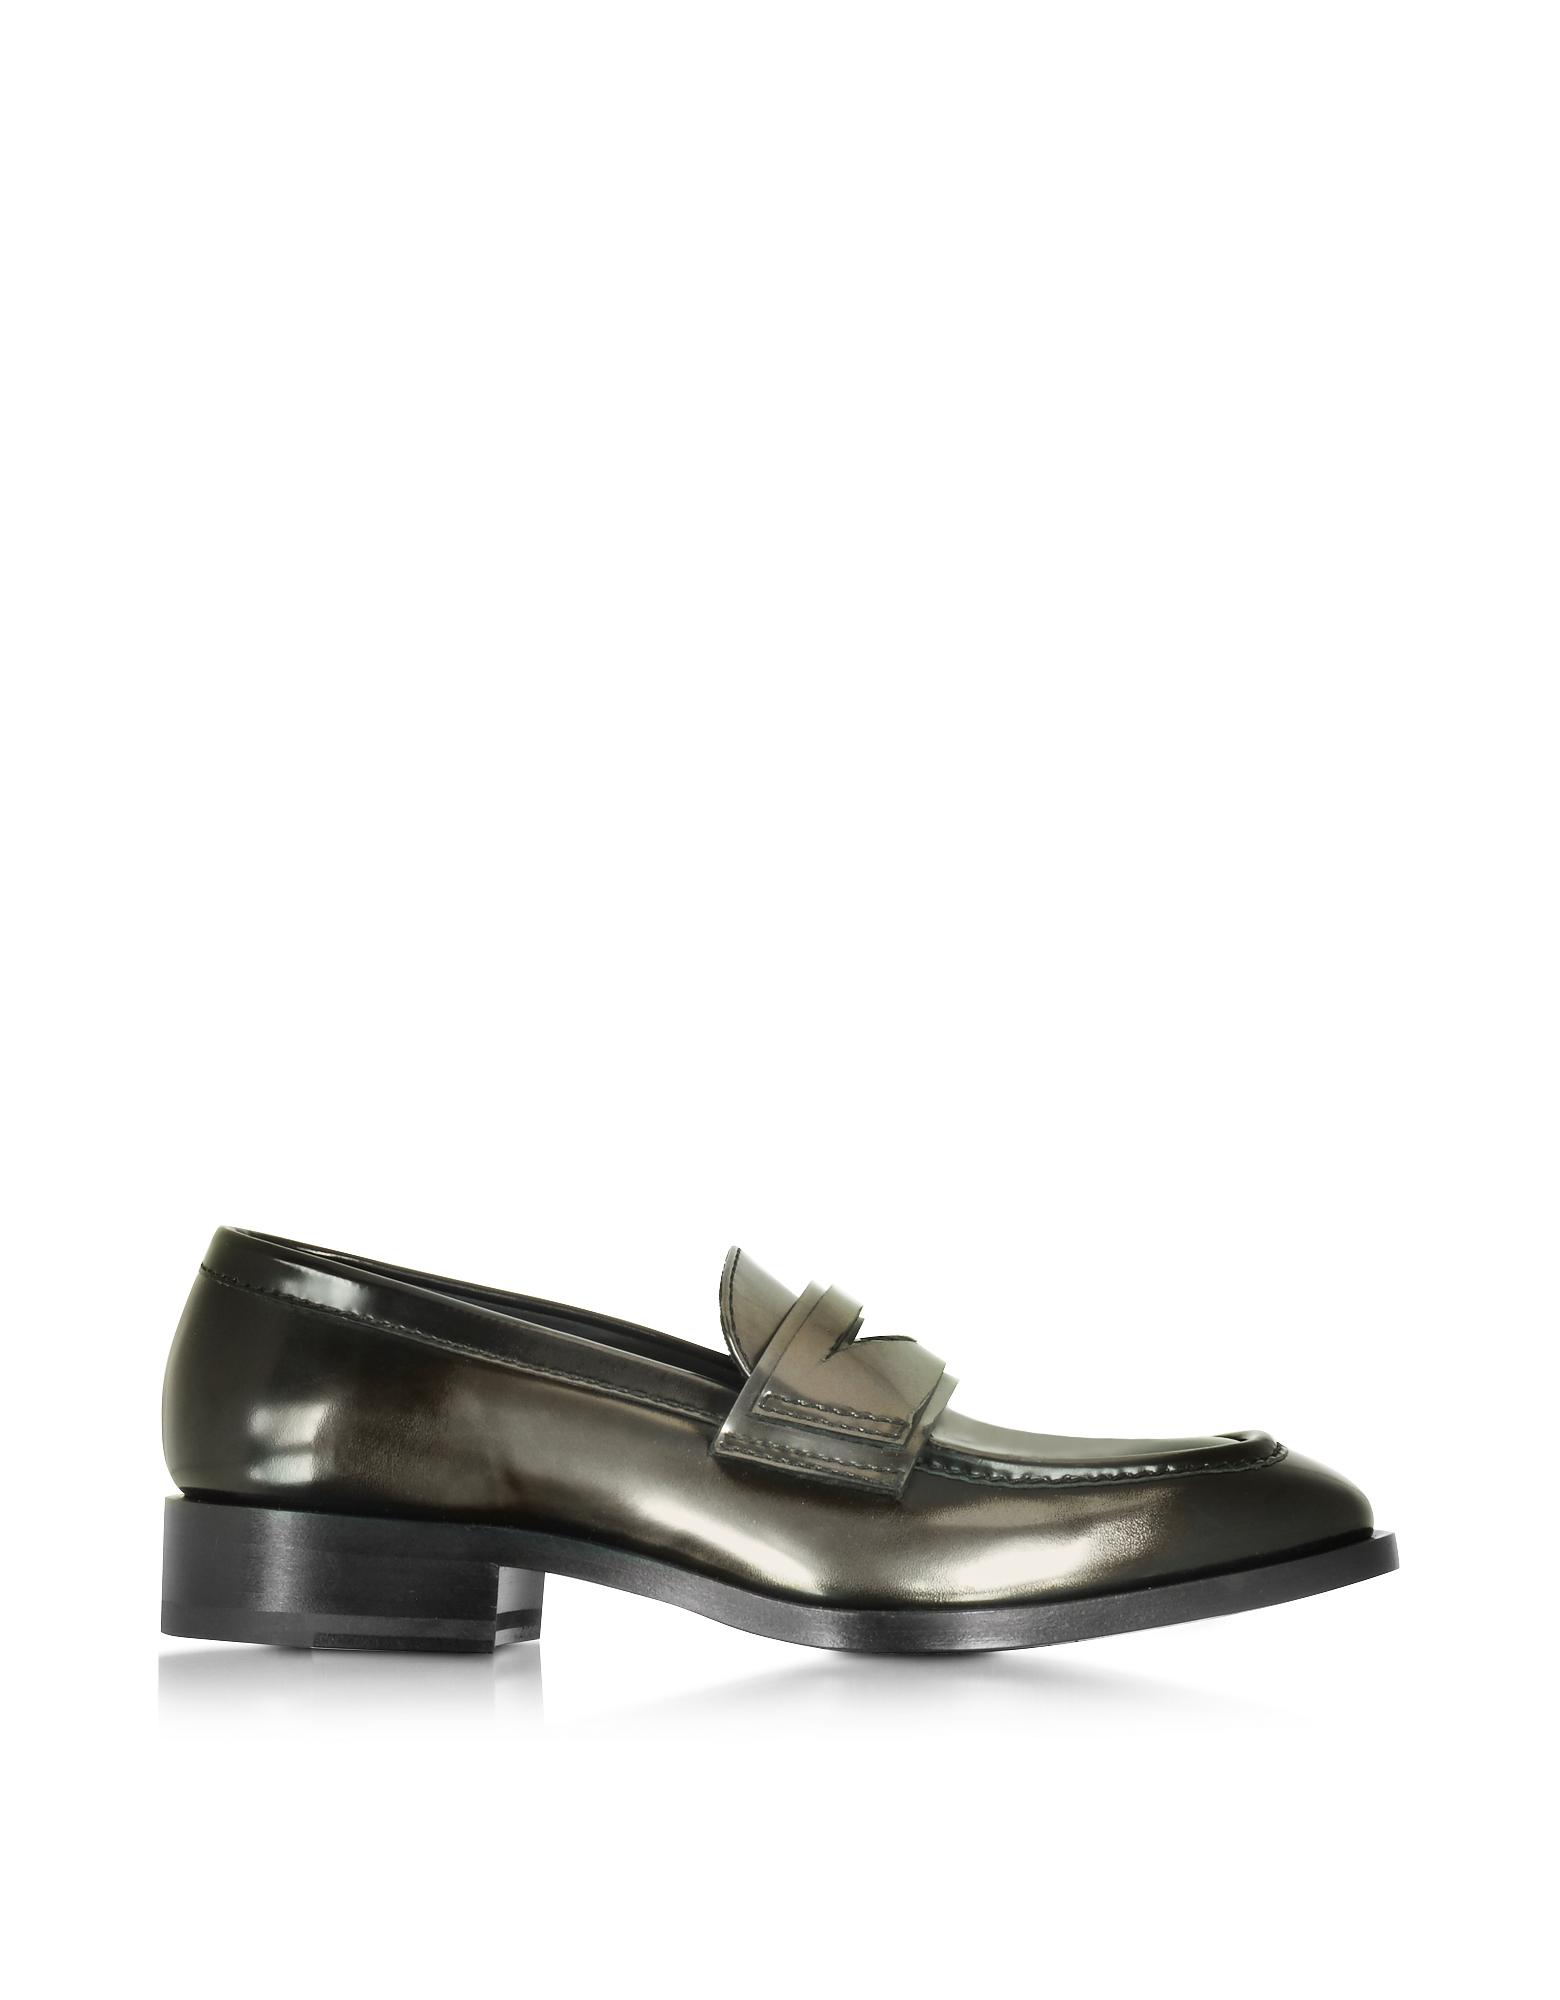 Jil Sander Shoes, Mirror Black Leather Loafer Shoe